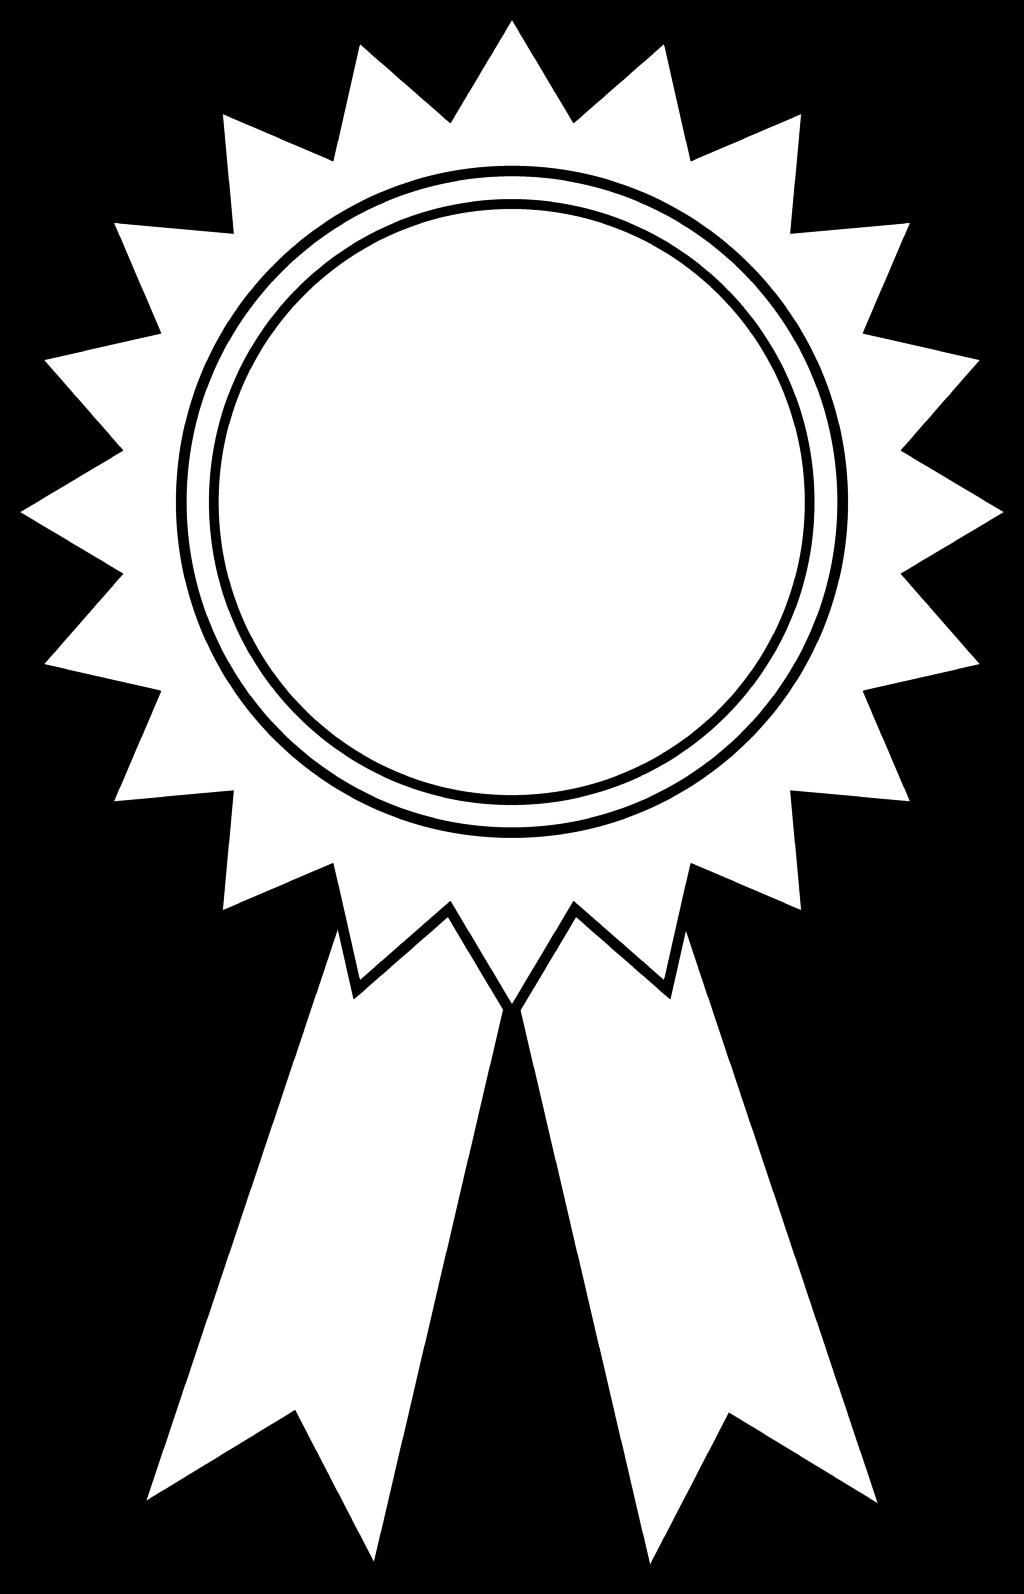 обоев медаль картинки для вырезания левой